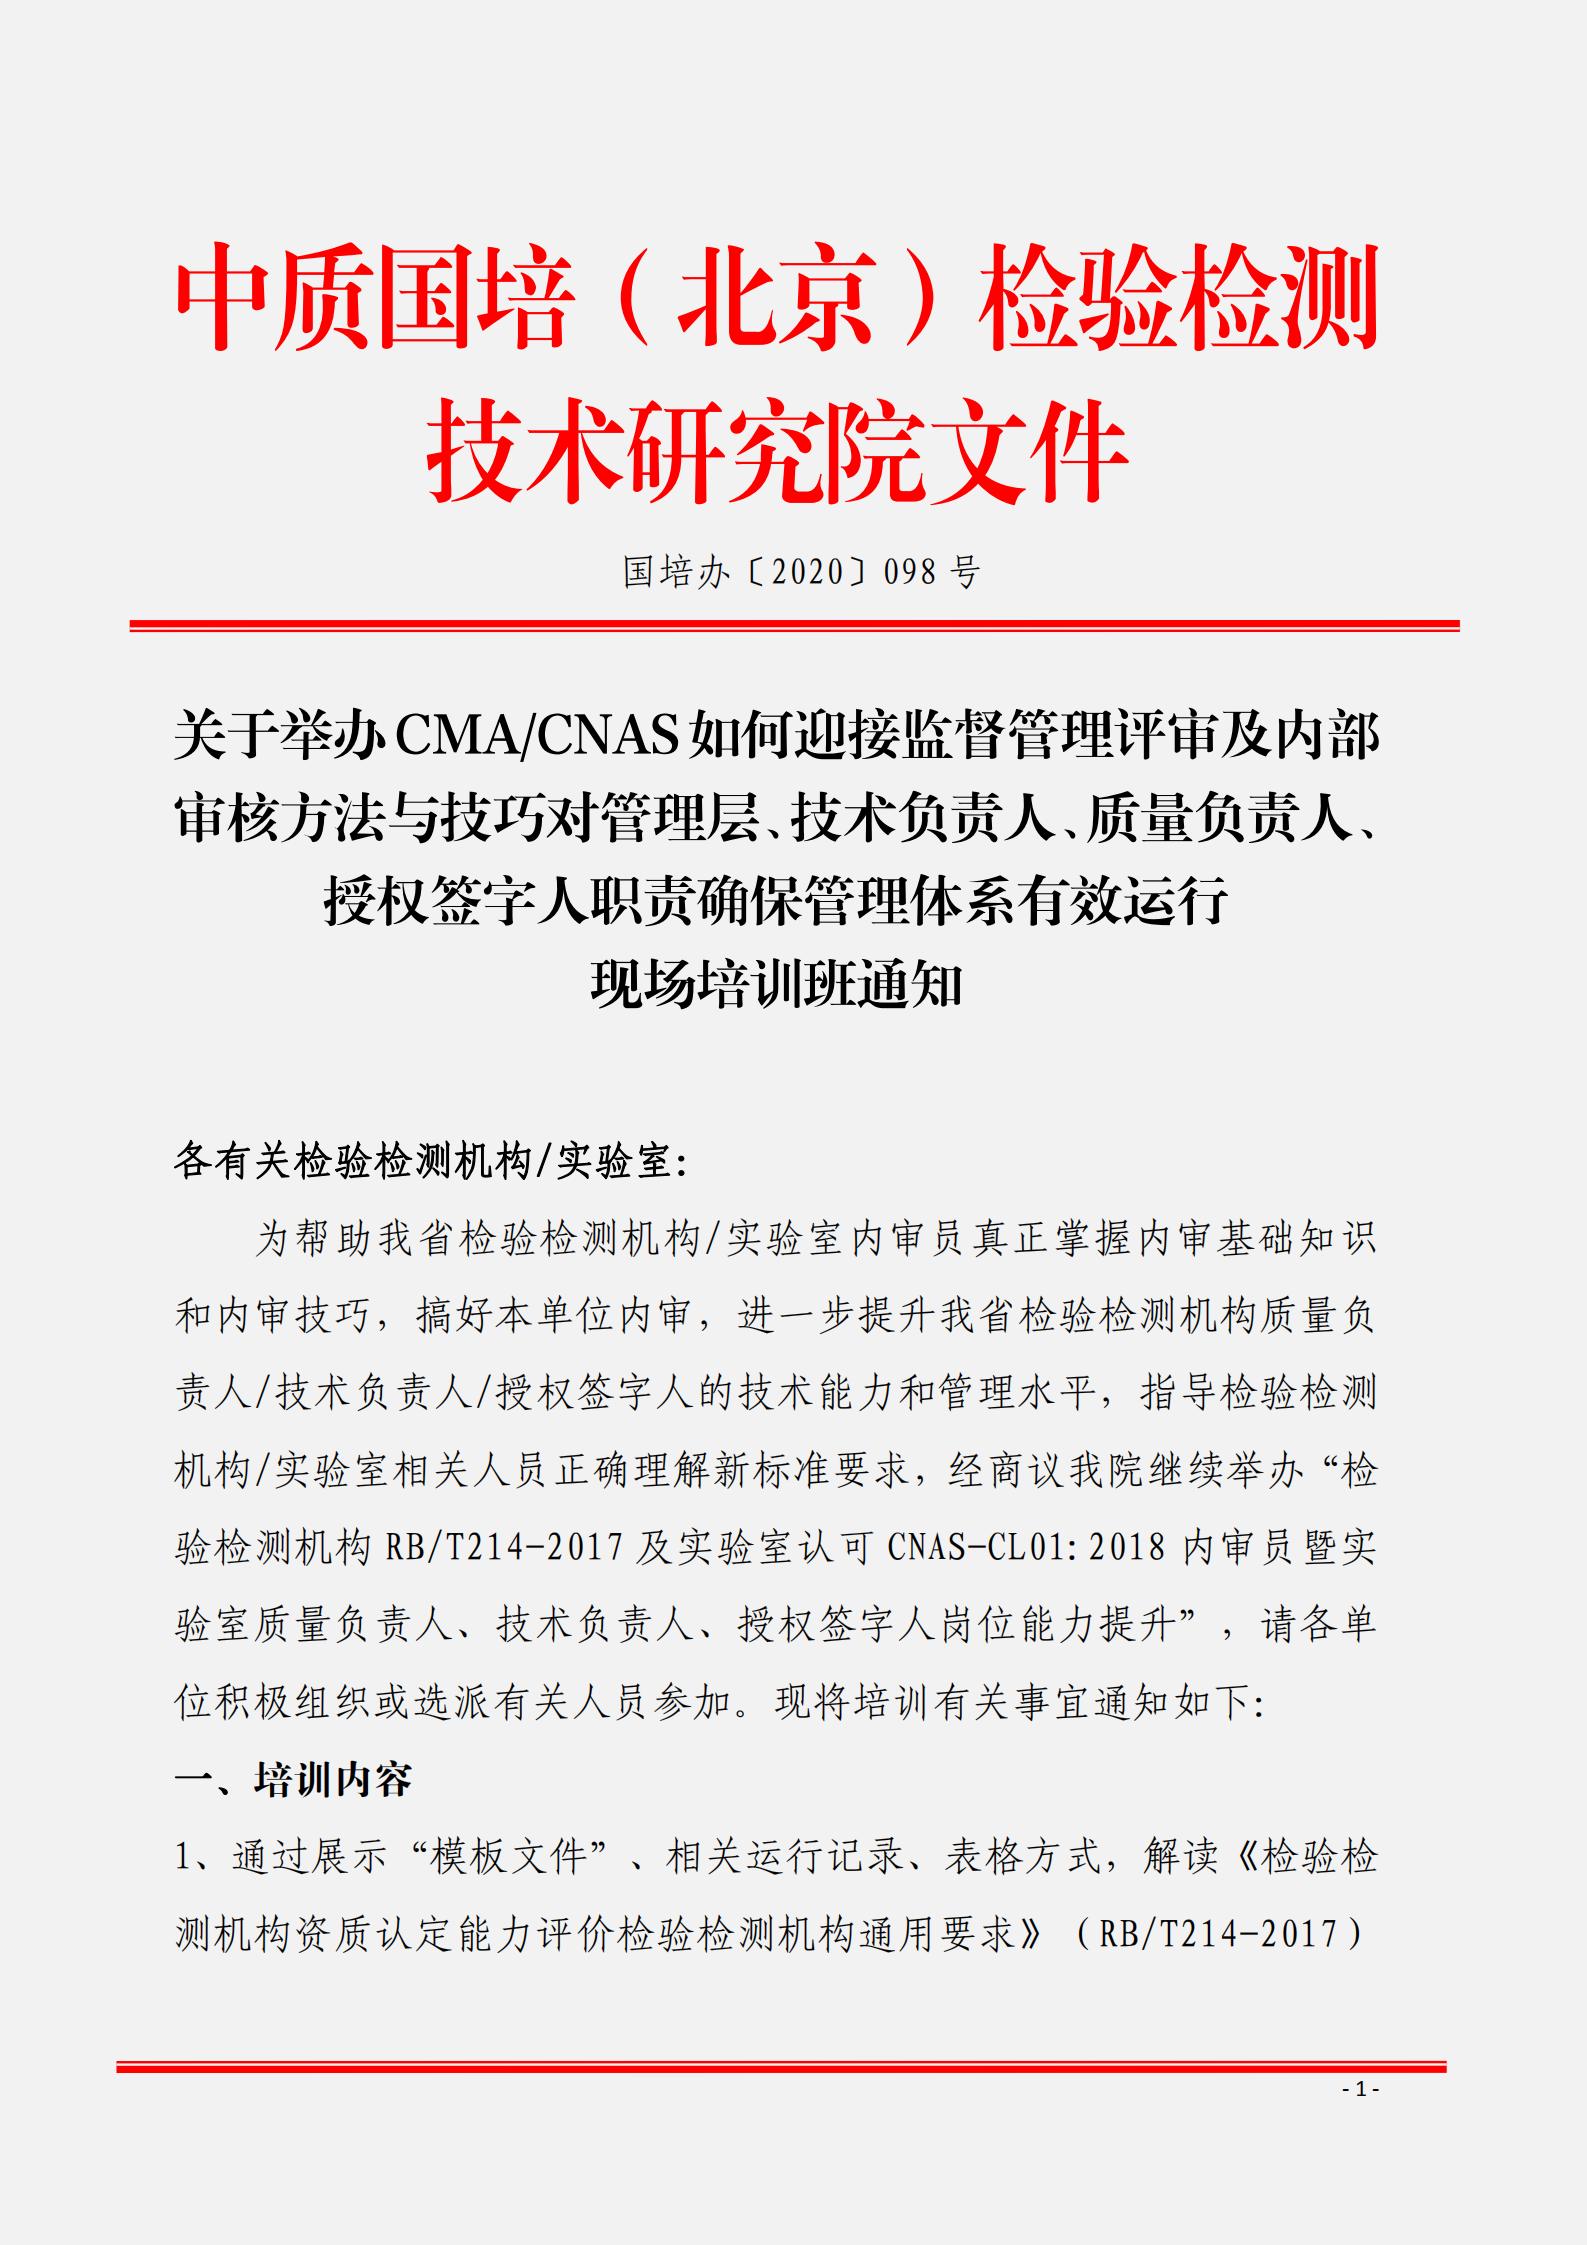 西双版纳 贵阳 沈阳 长春 哈尔滨文件_00.png